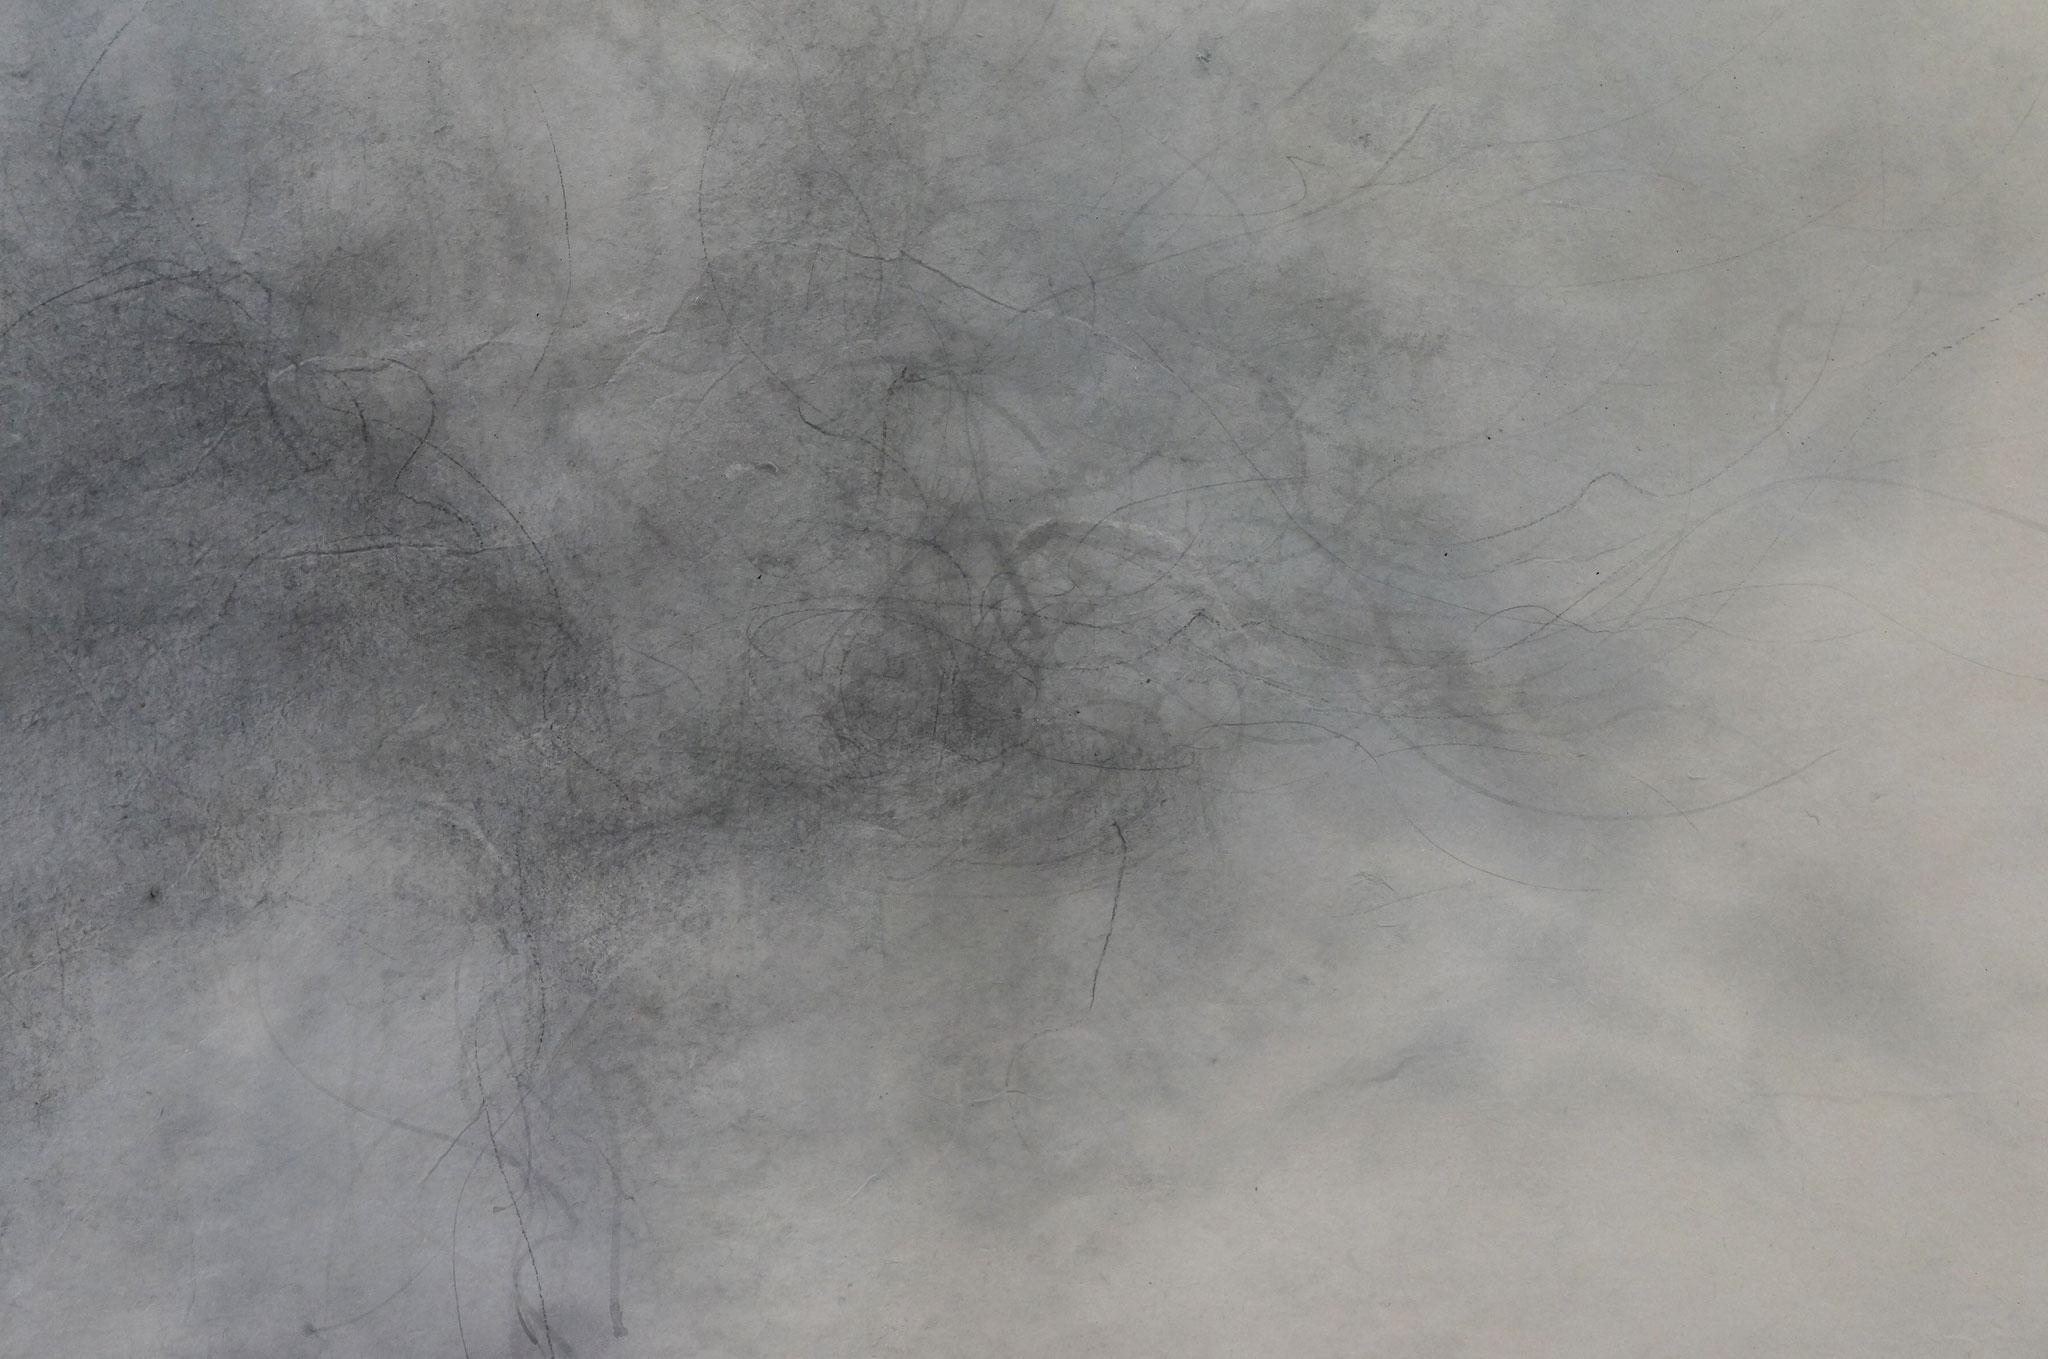 流れを紡ぐ 16-1  部分    Spin The Flow 16-1   Detail